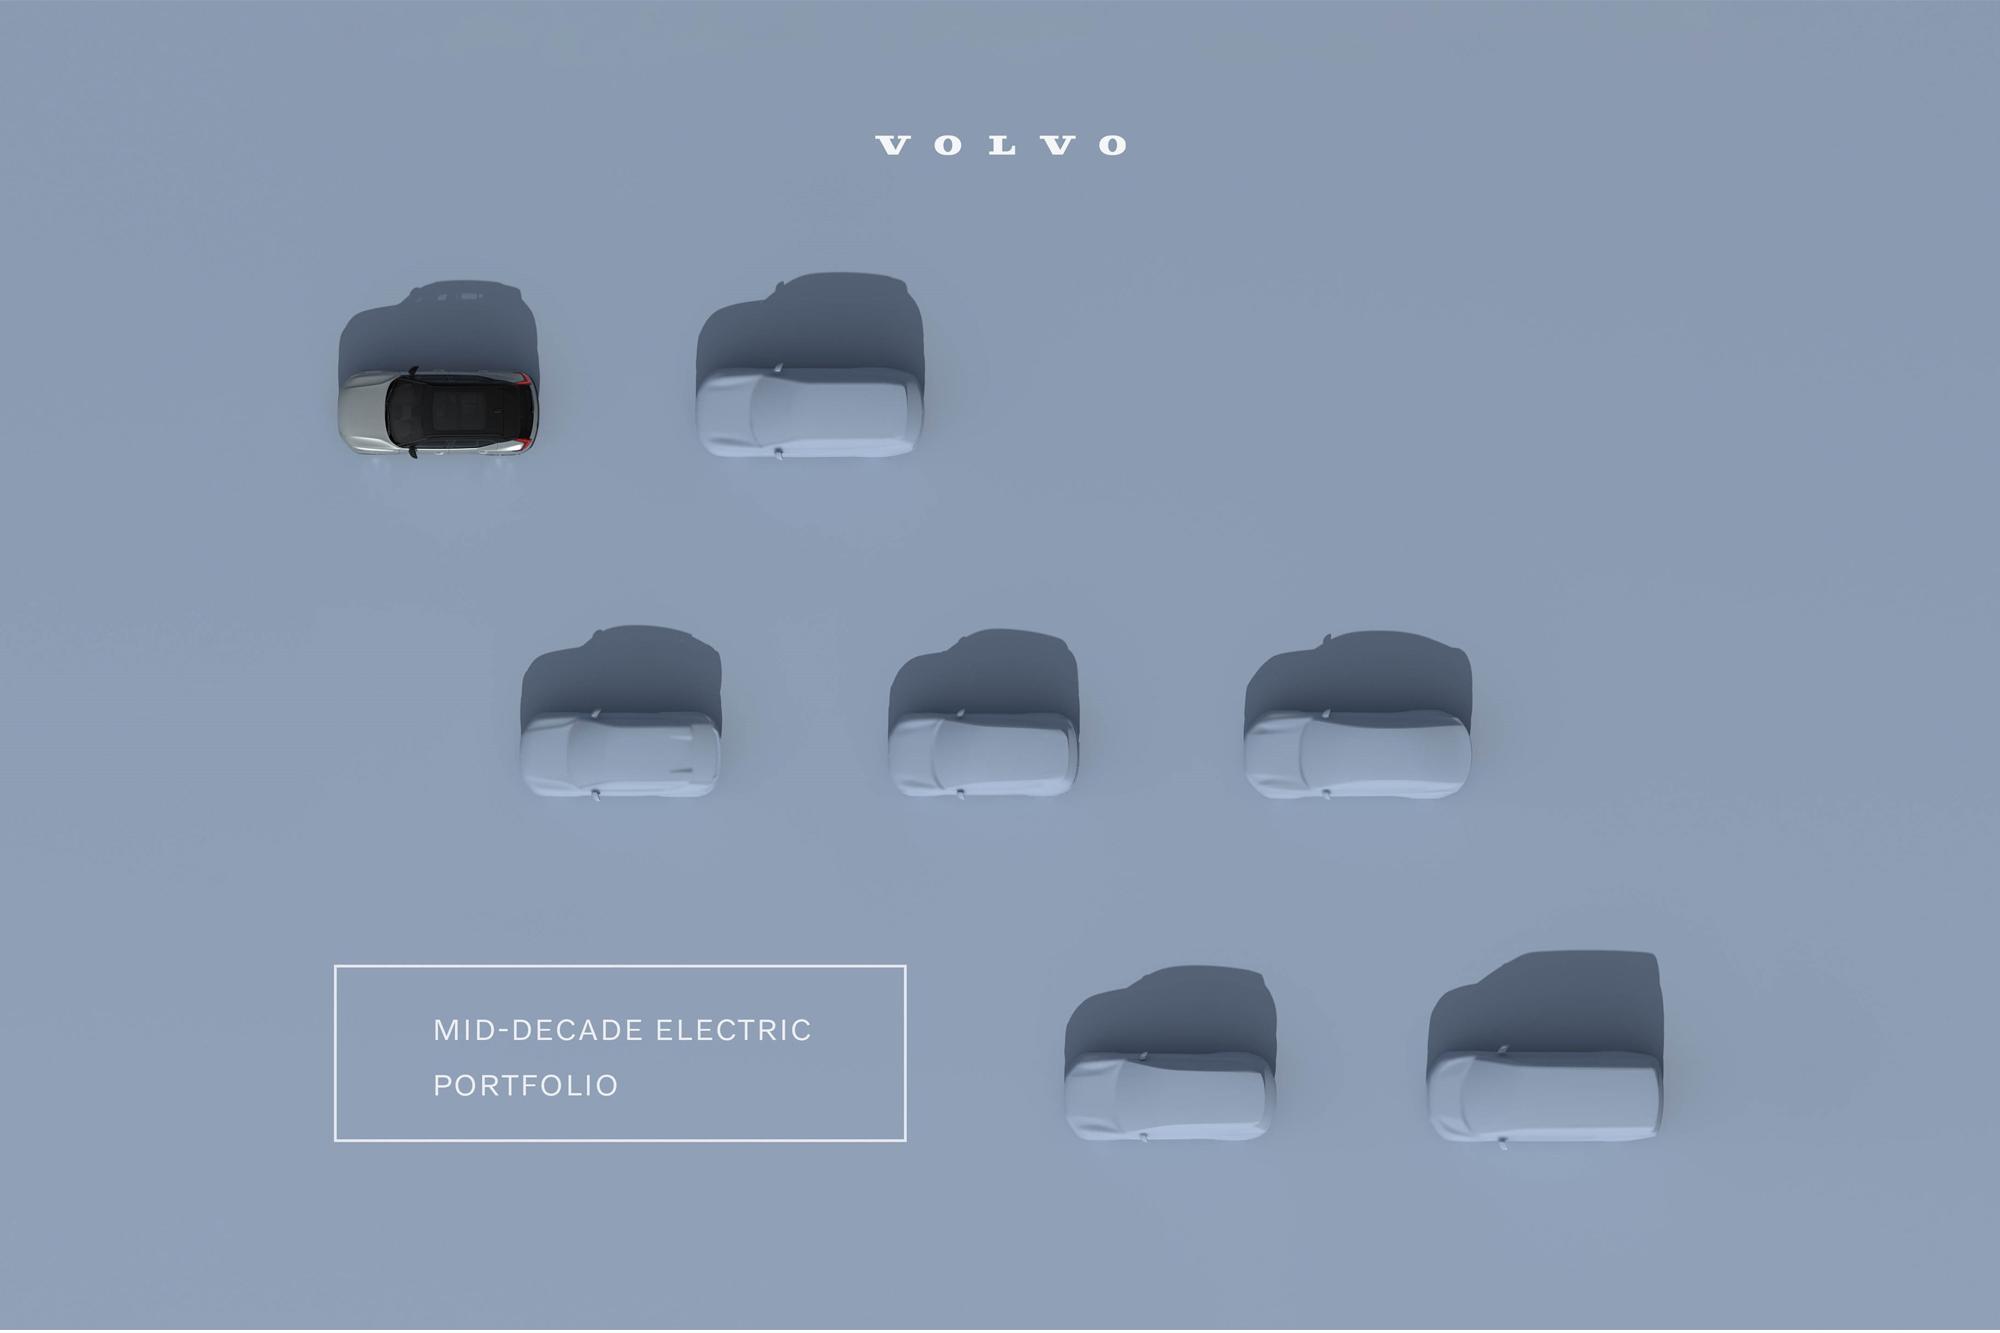 Μόνο ηλεκτρικά τα Volvo έως το 2030